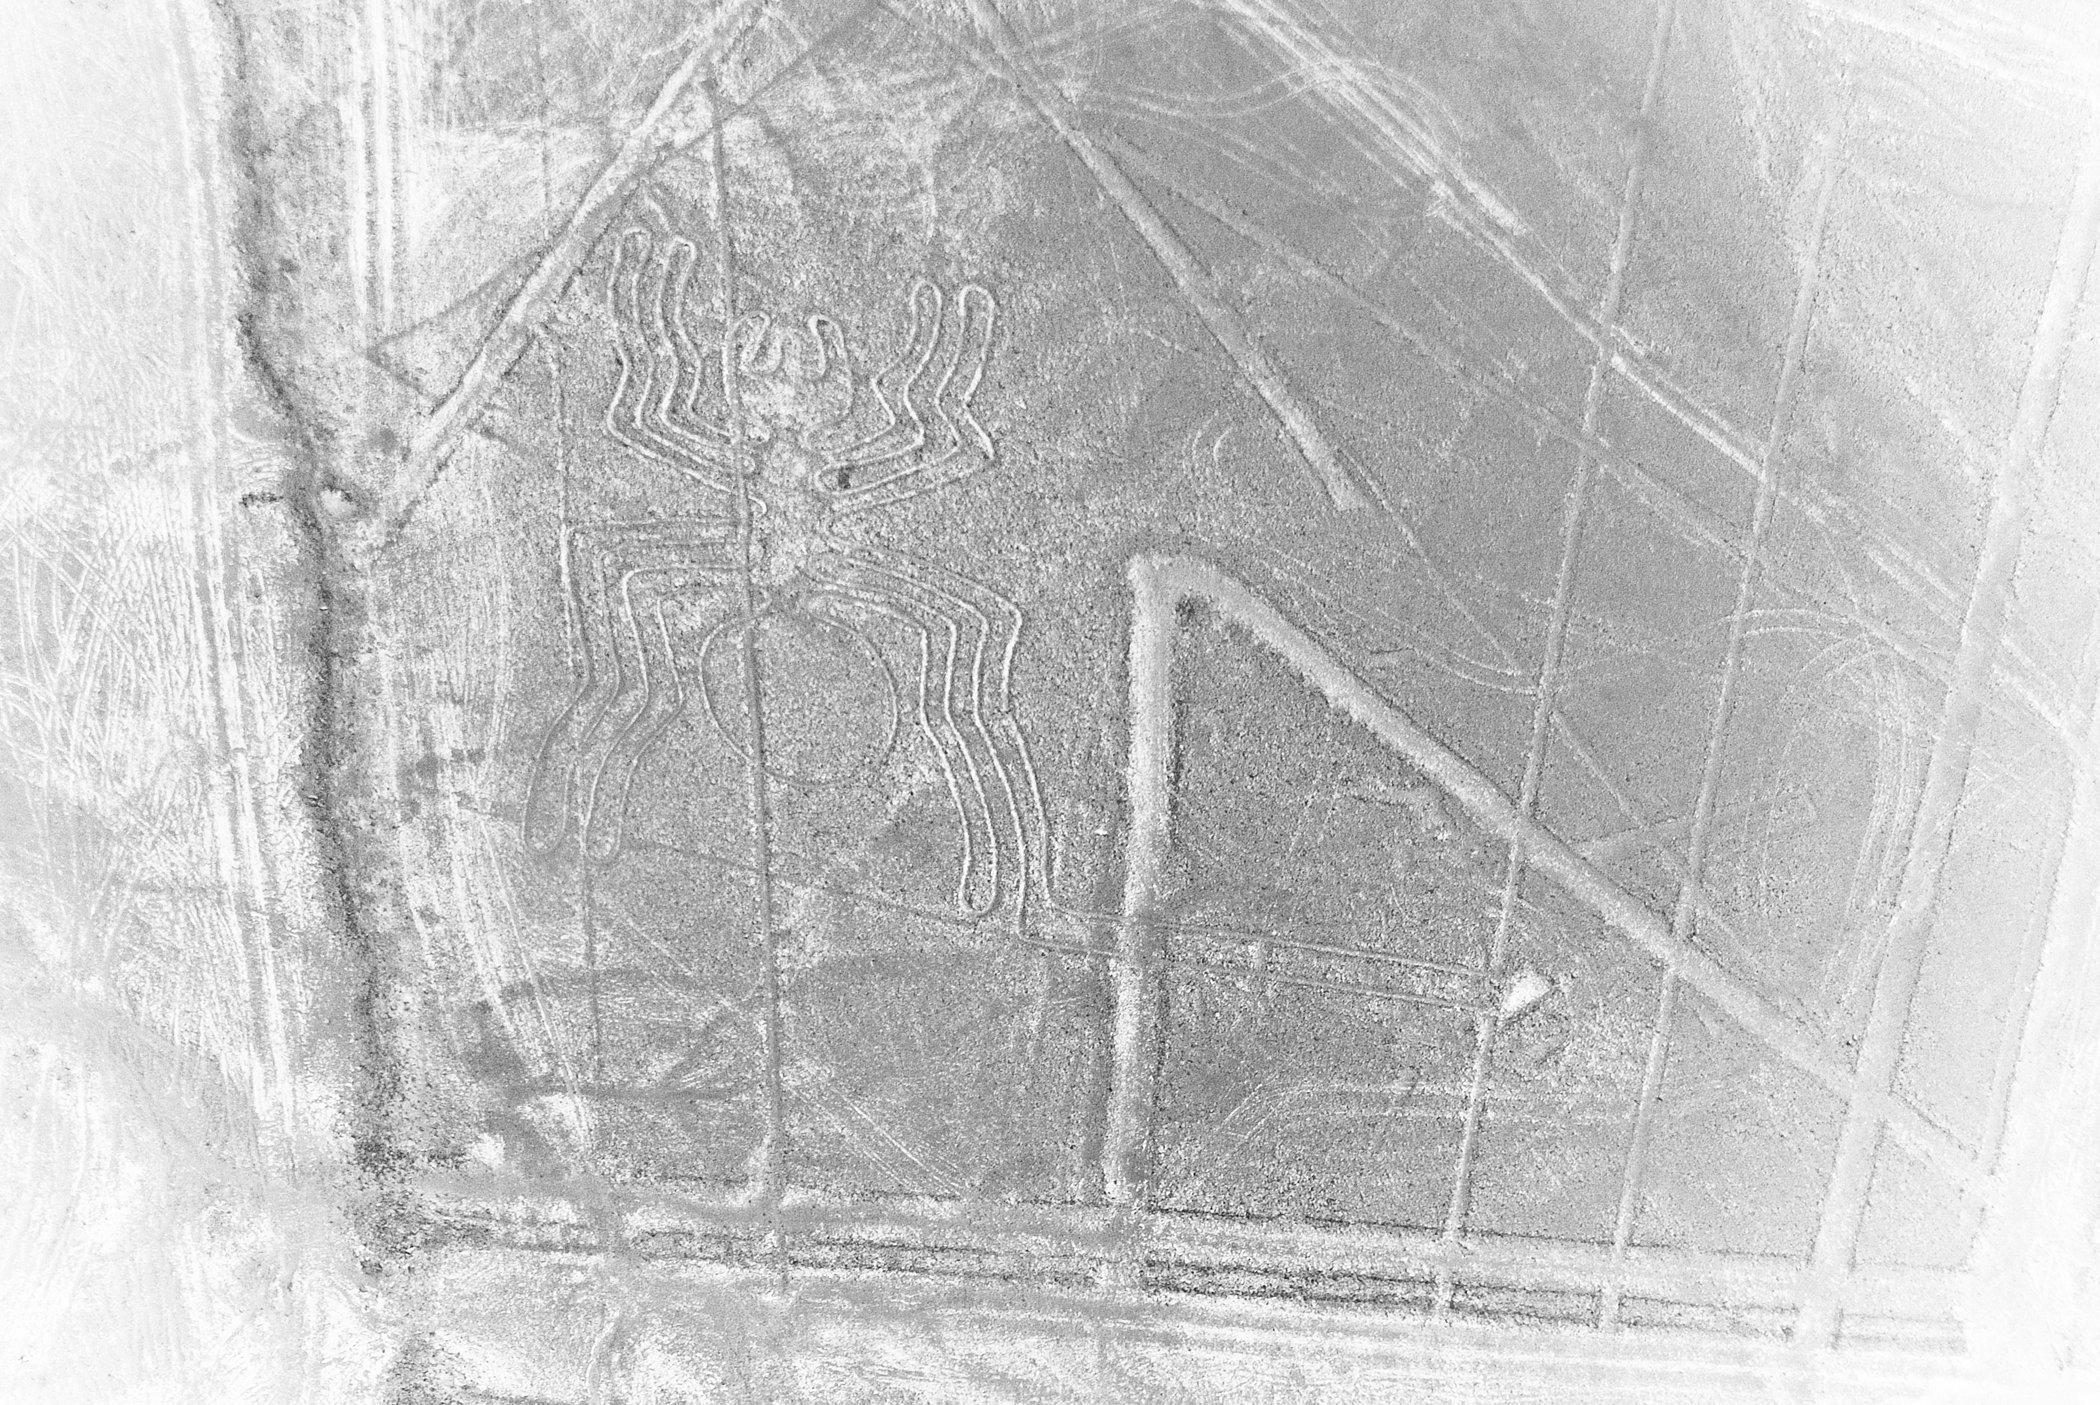 Nazca Lines 1